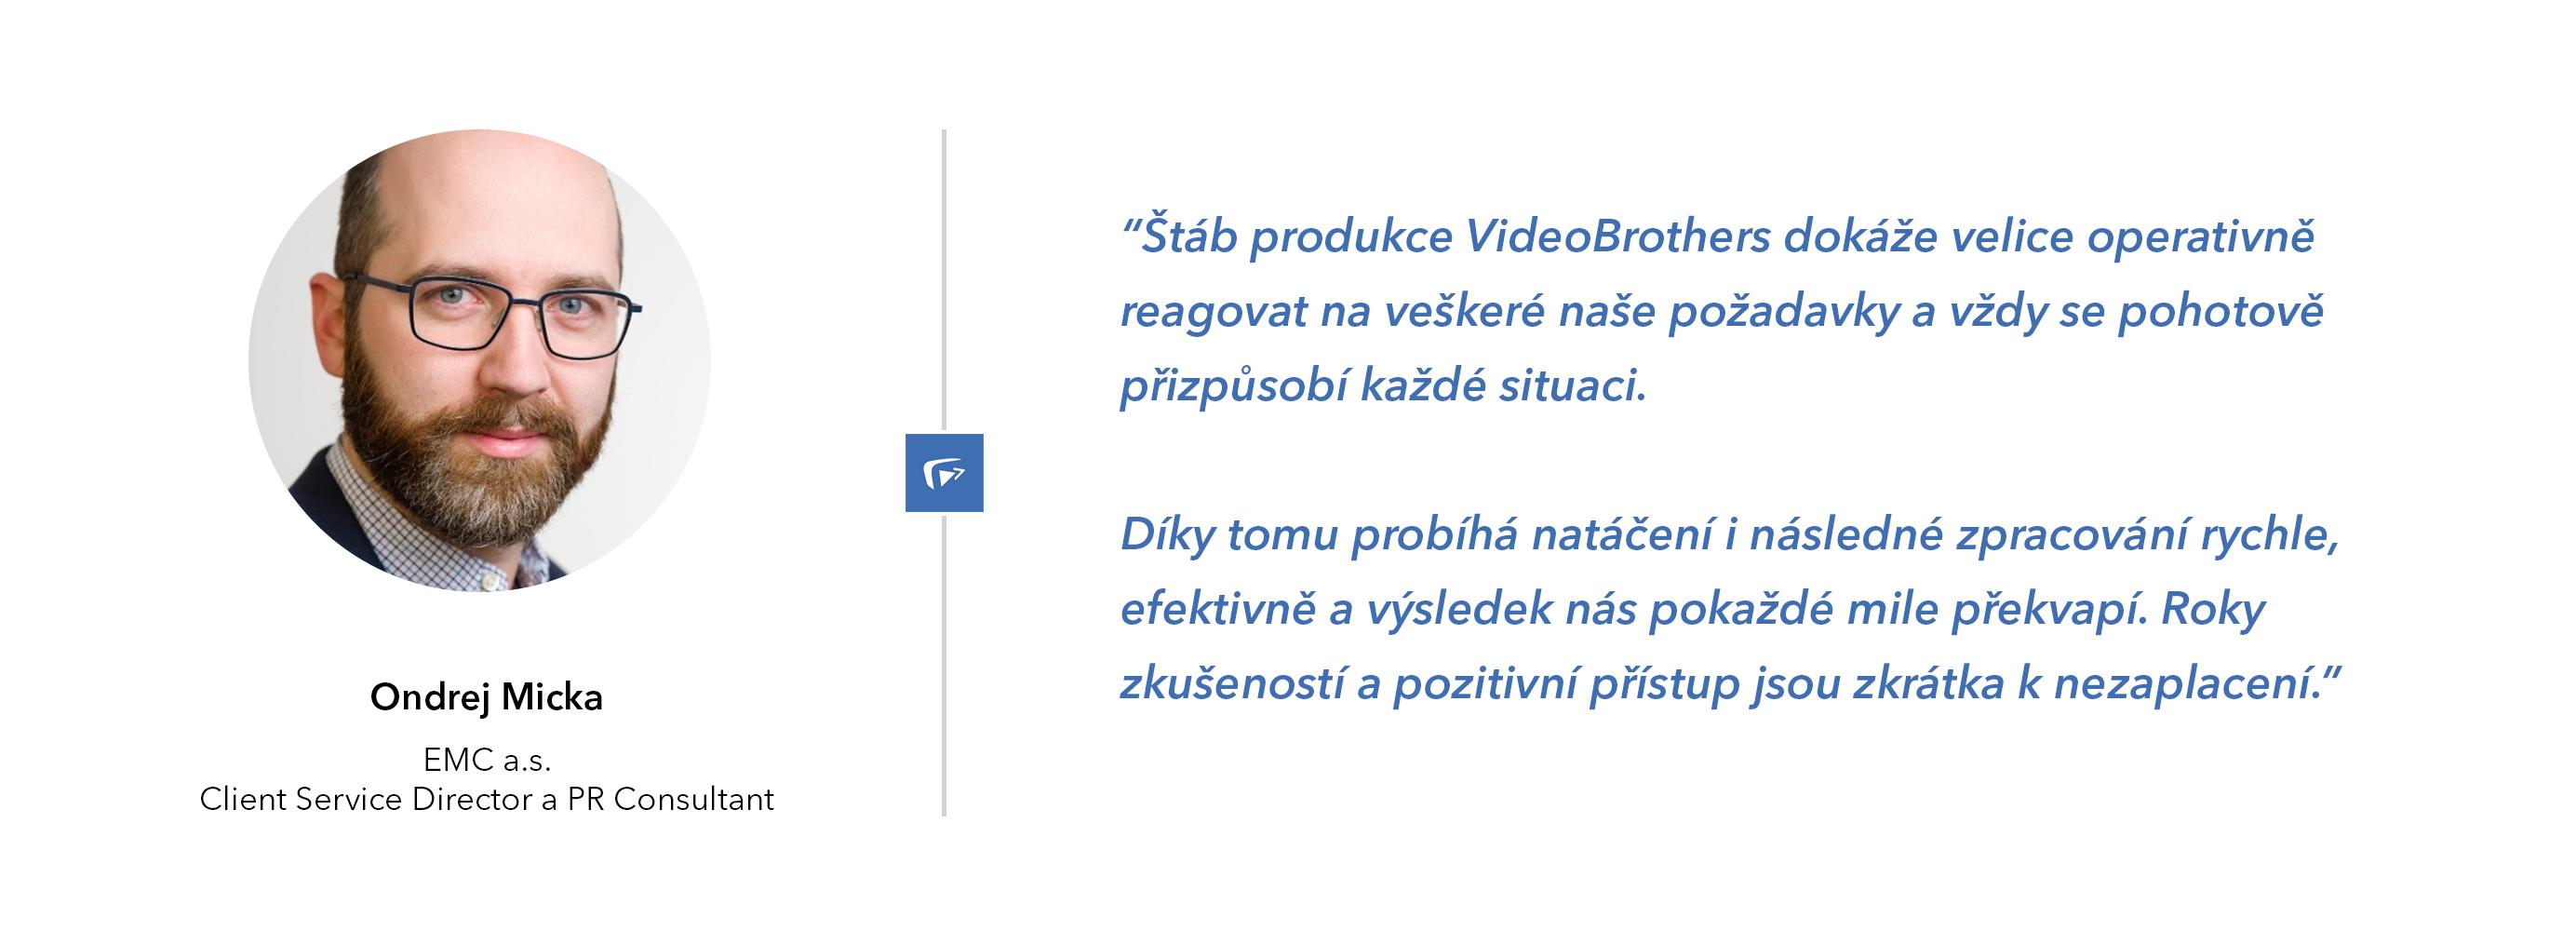 PR agentura EMC doporučuje VideoBrothers